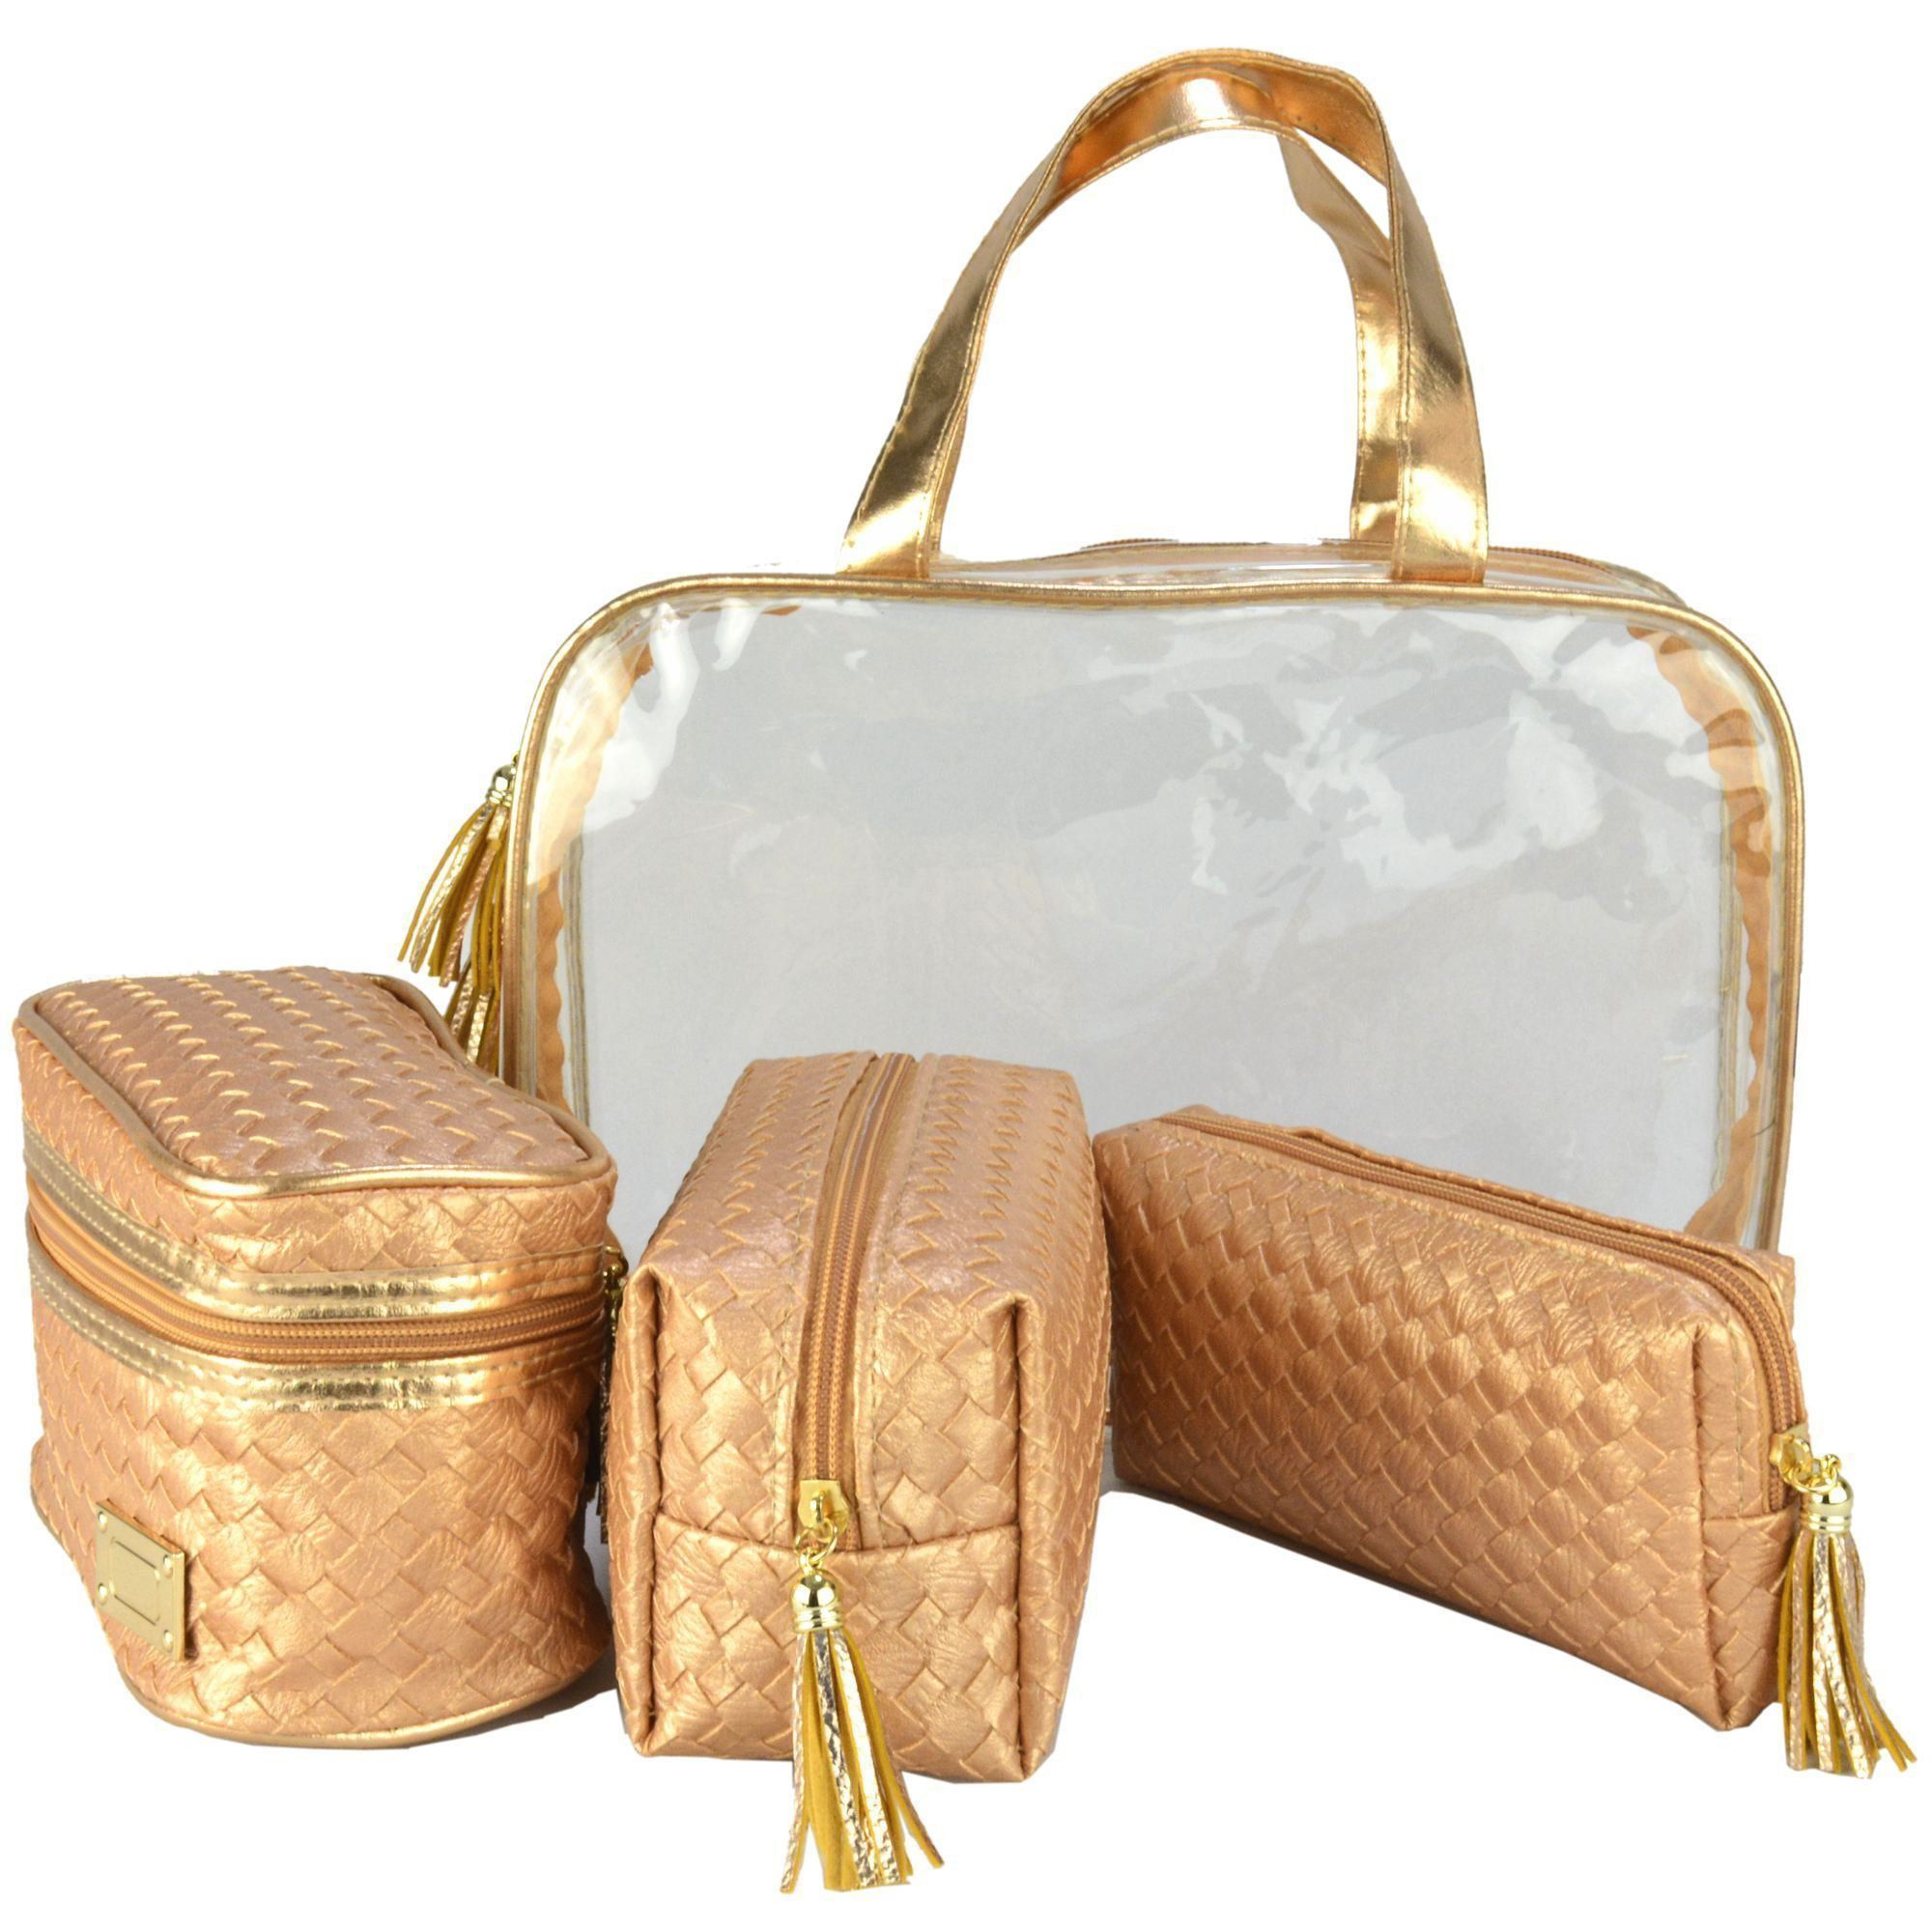 Frasqueiras Necessaire Feminina Luxo Dourado Kit 4 Peças CBRN08193